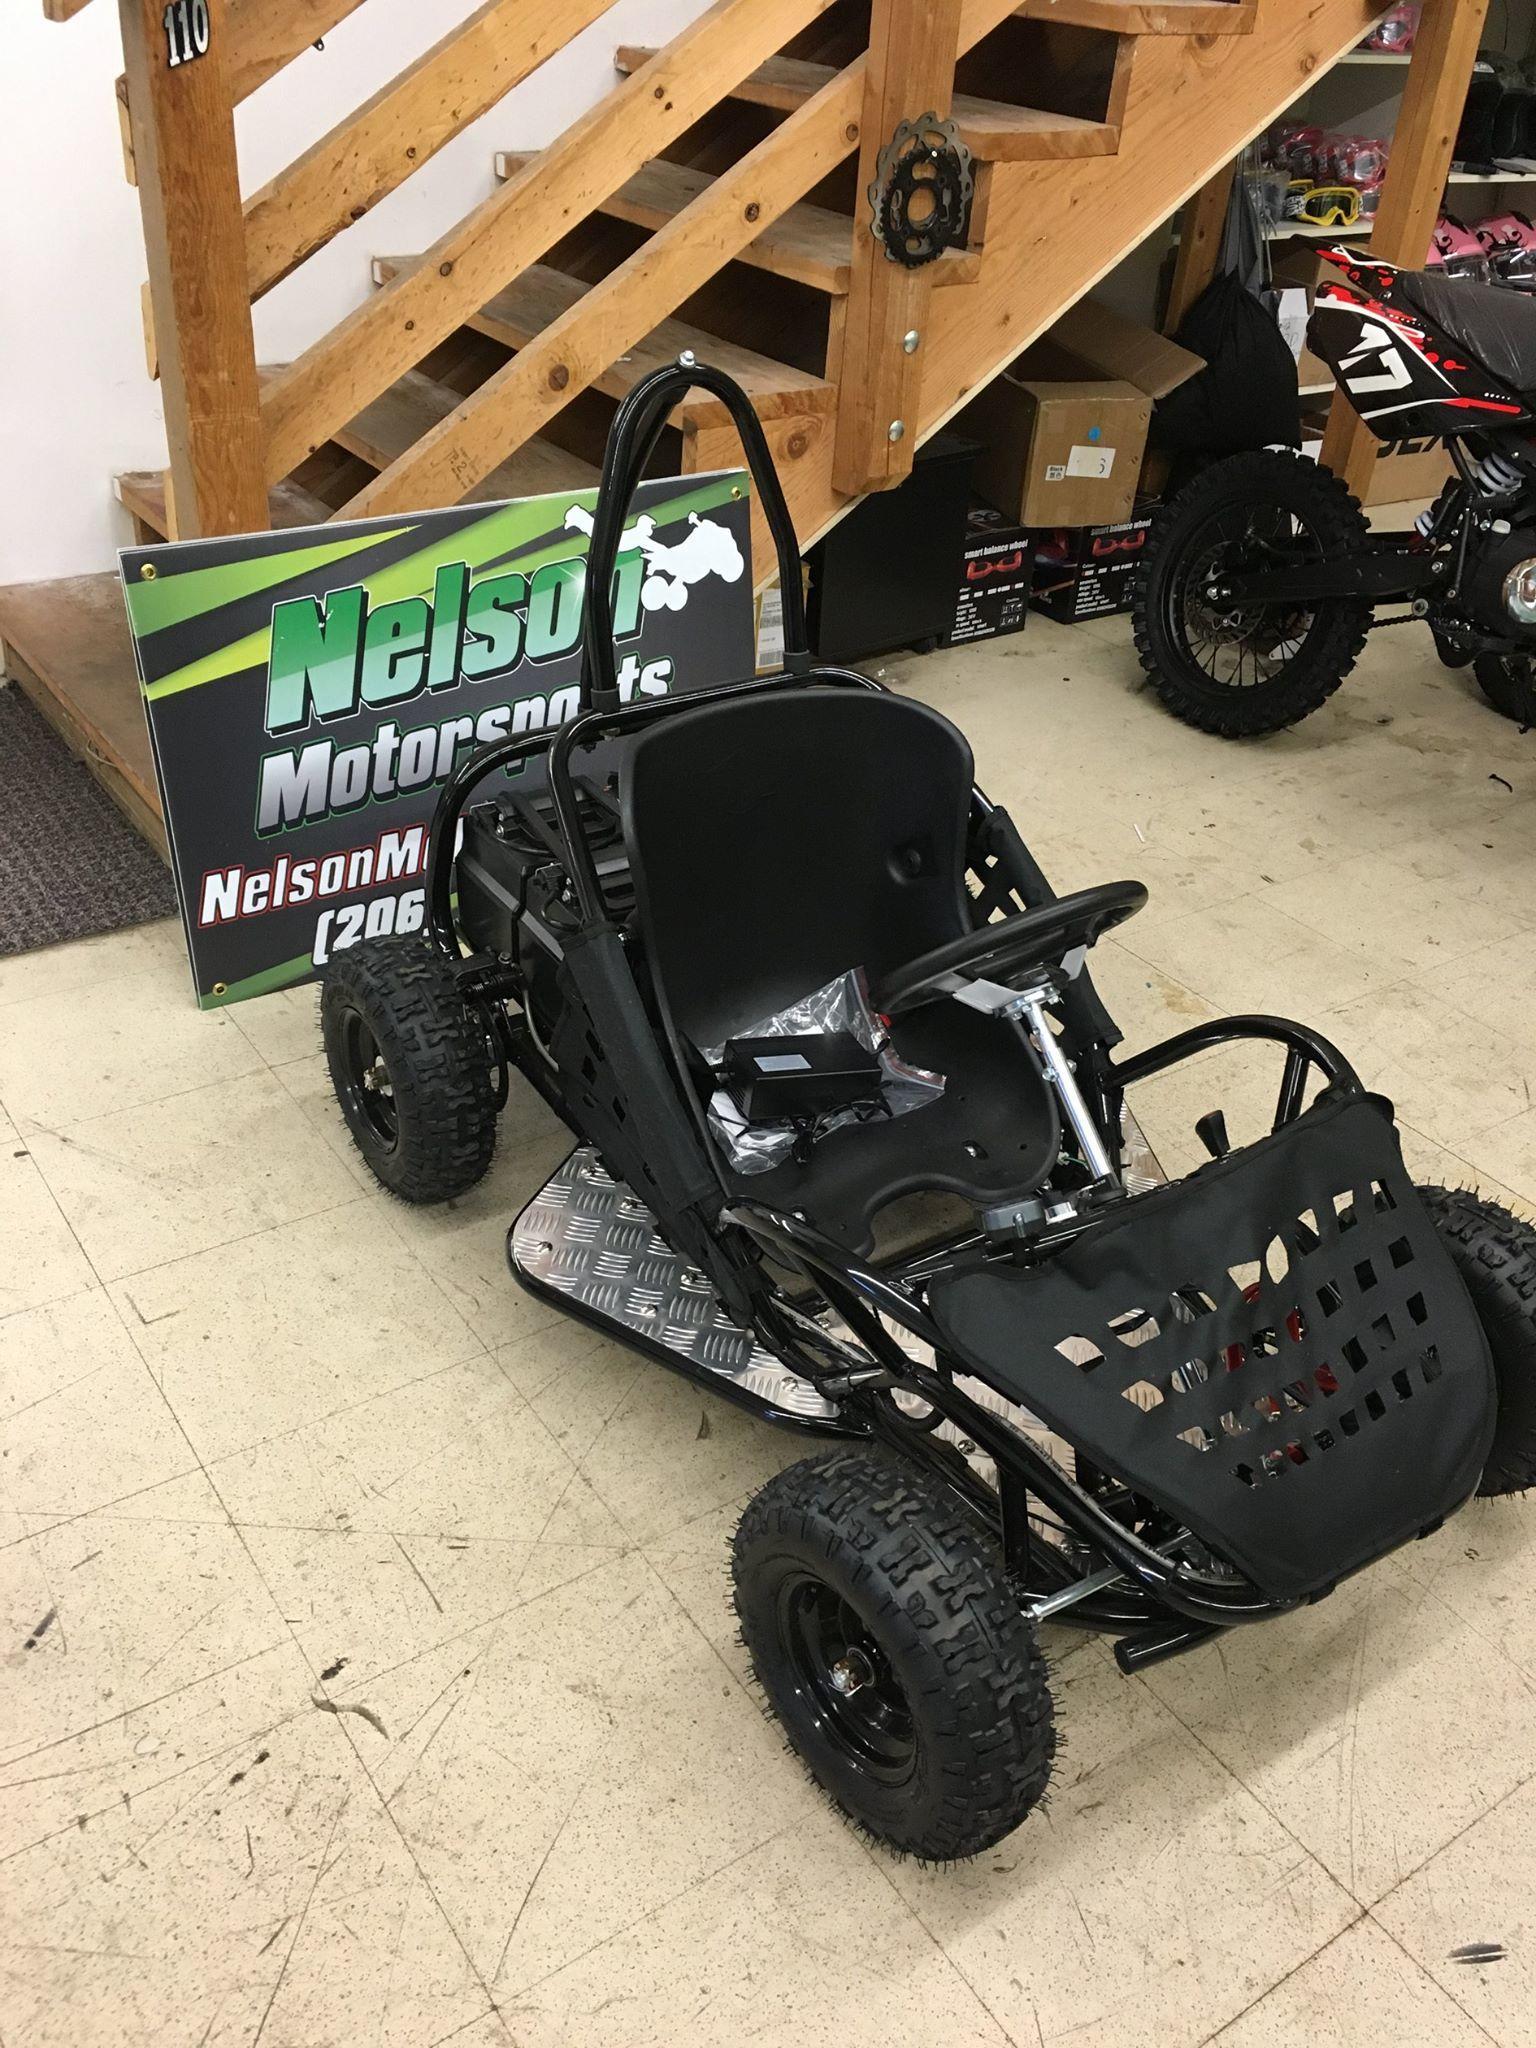 Nelson Motorsports image 3